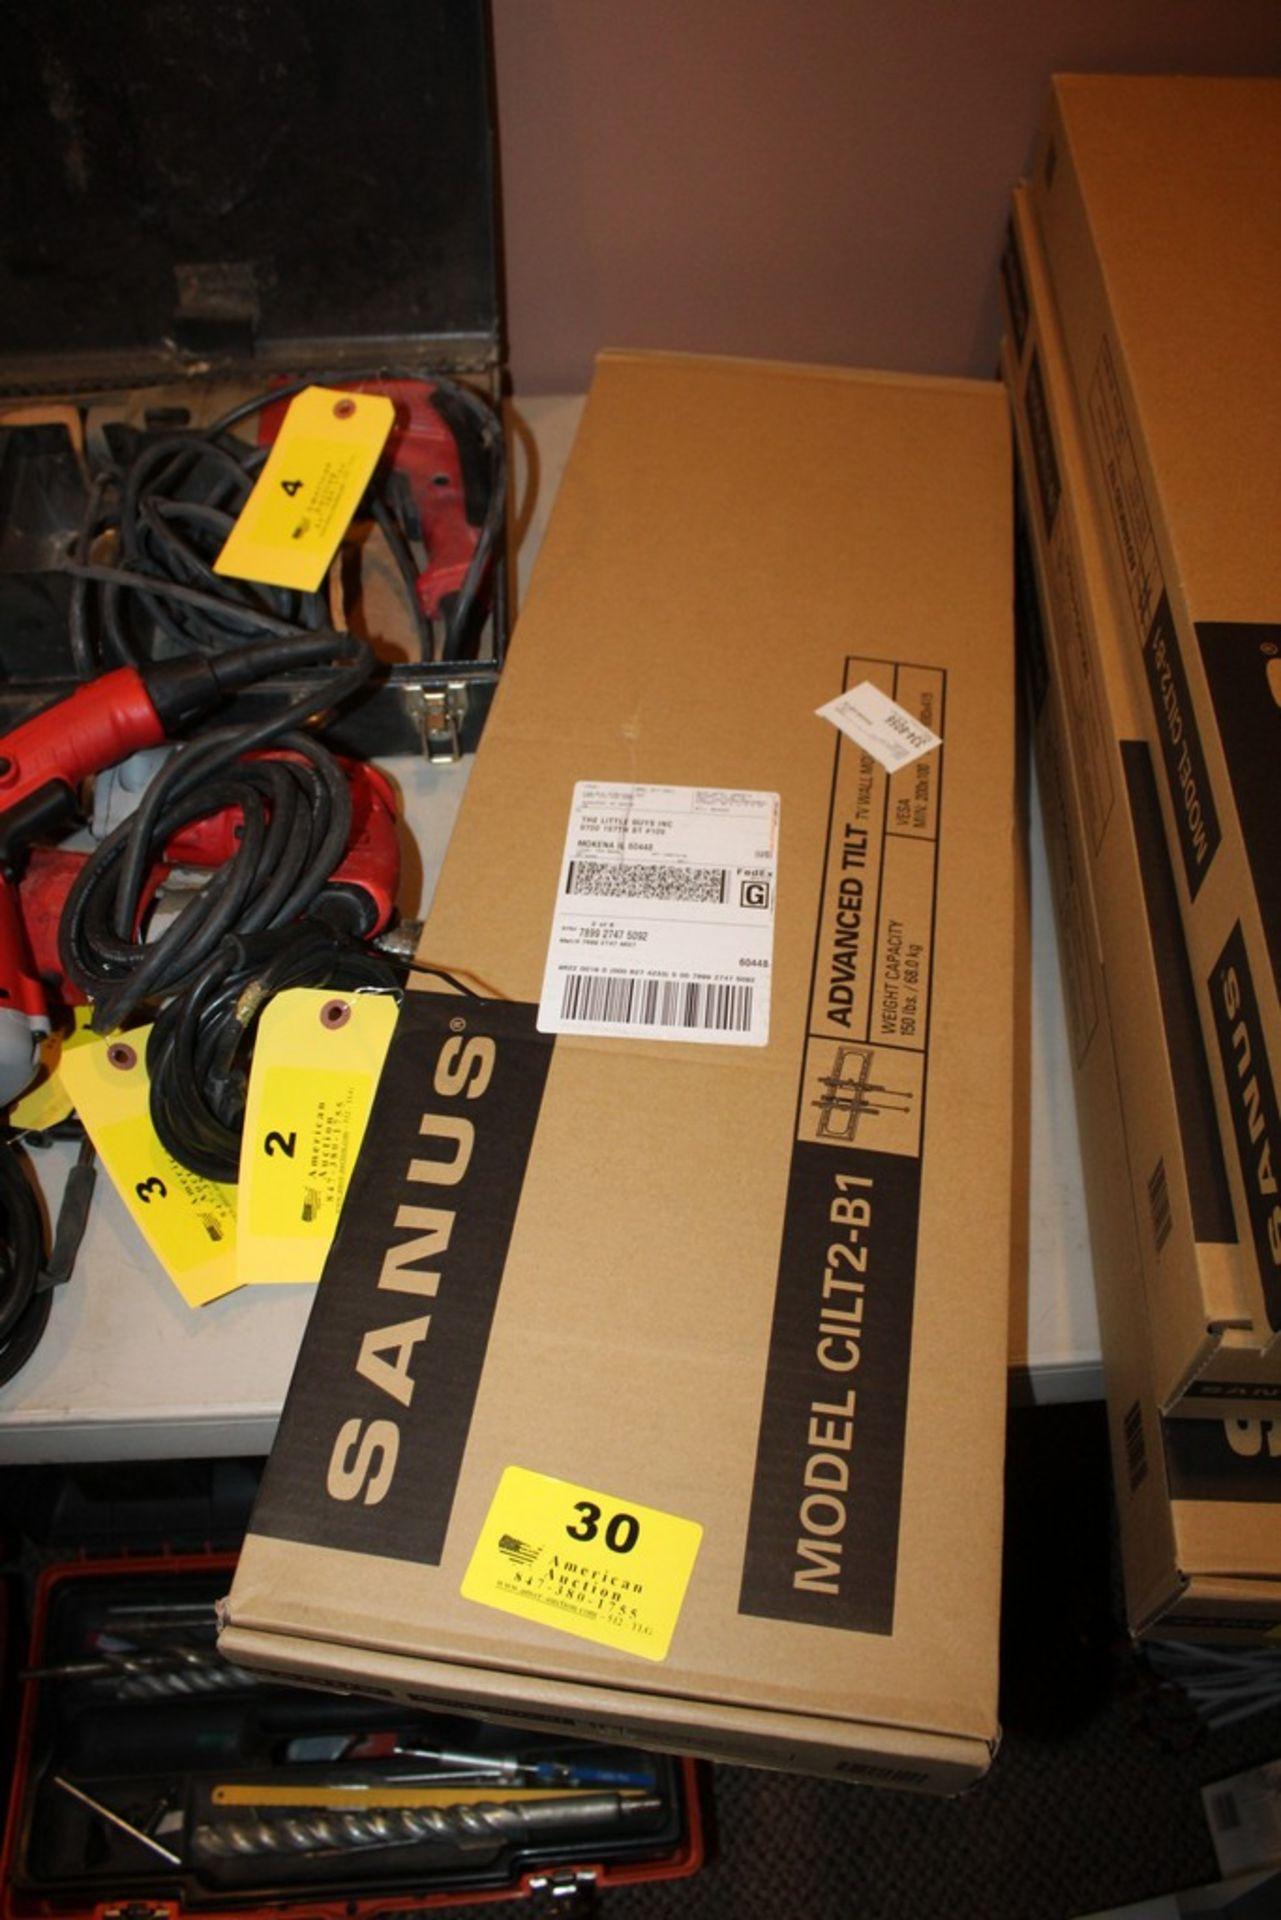 Lot 30 - SANUS MODEL CILT2-B1 ADVANCED TILT TV WALL MOUNT, VESA MIN:200X100 & MAX:690X415, UP TO 150LBS.